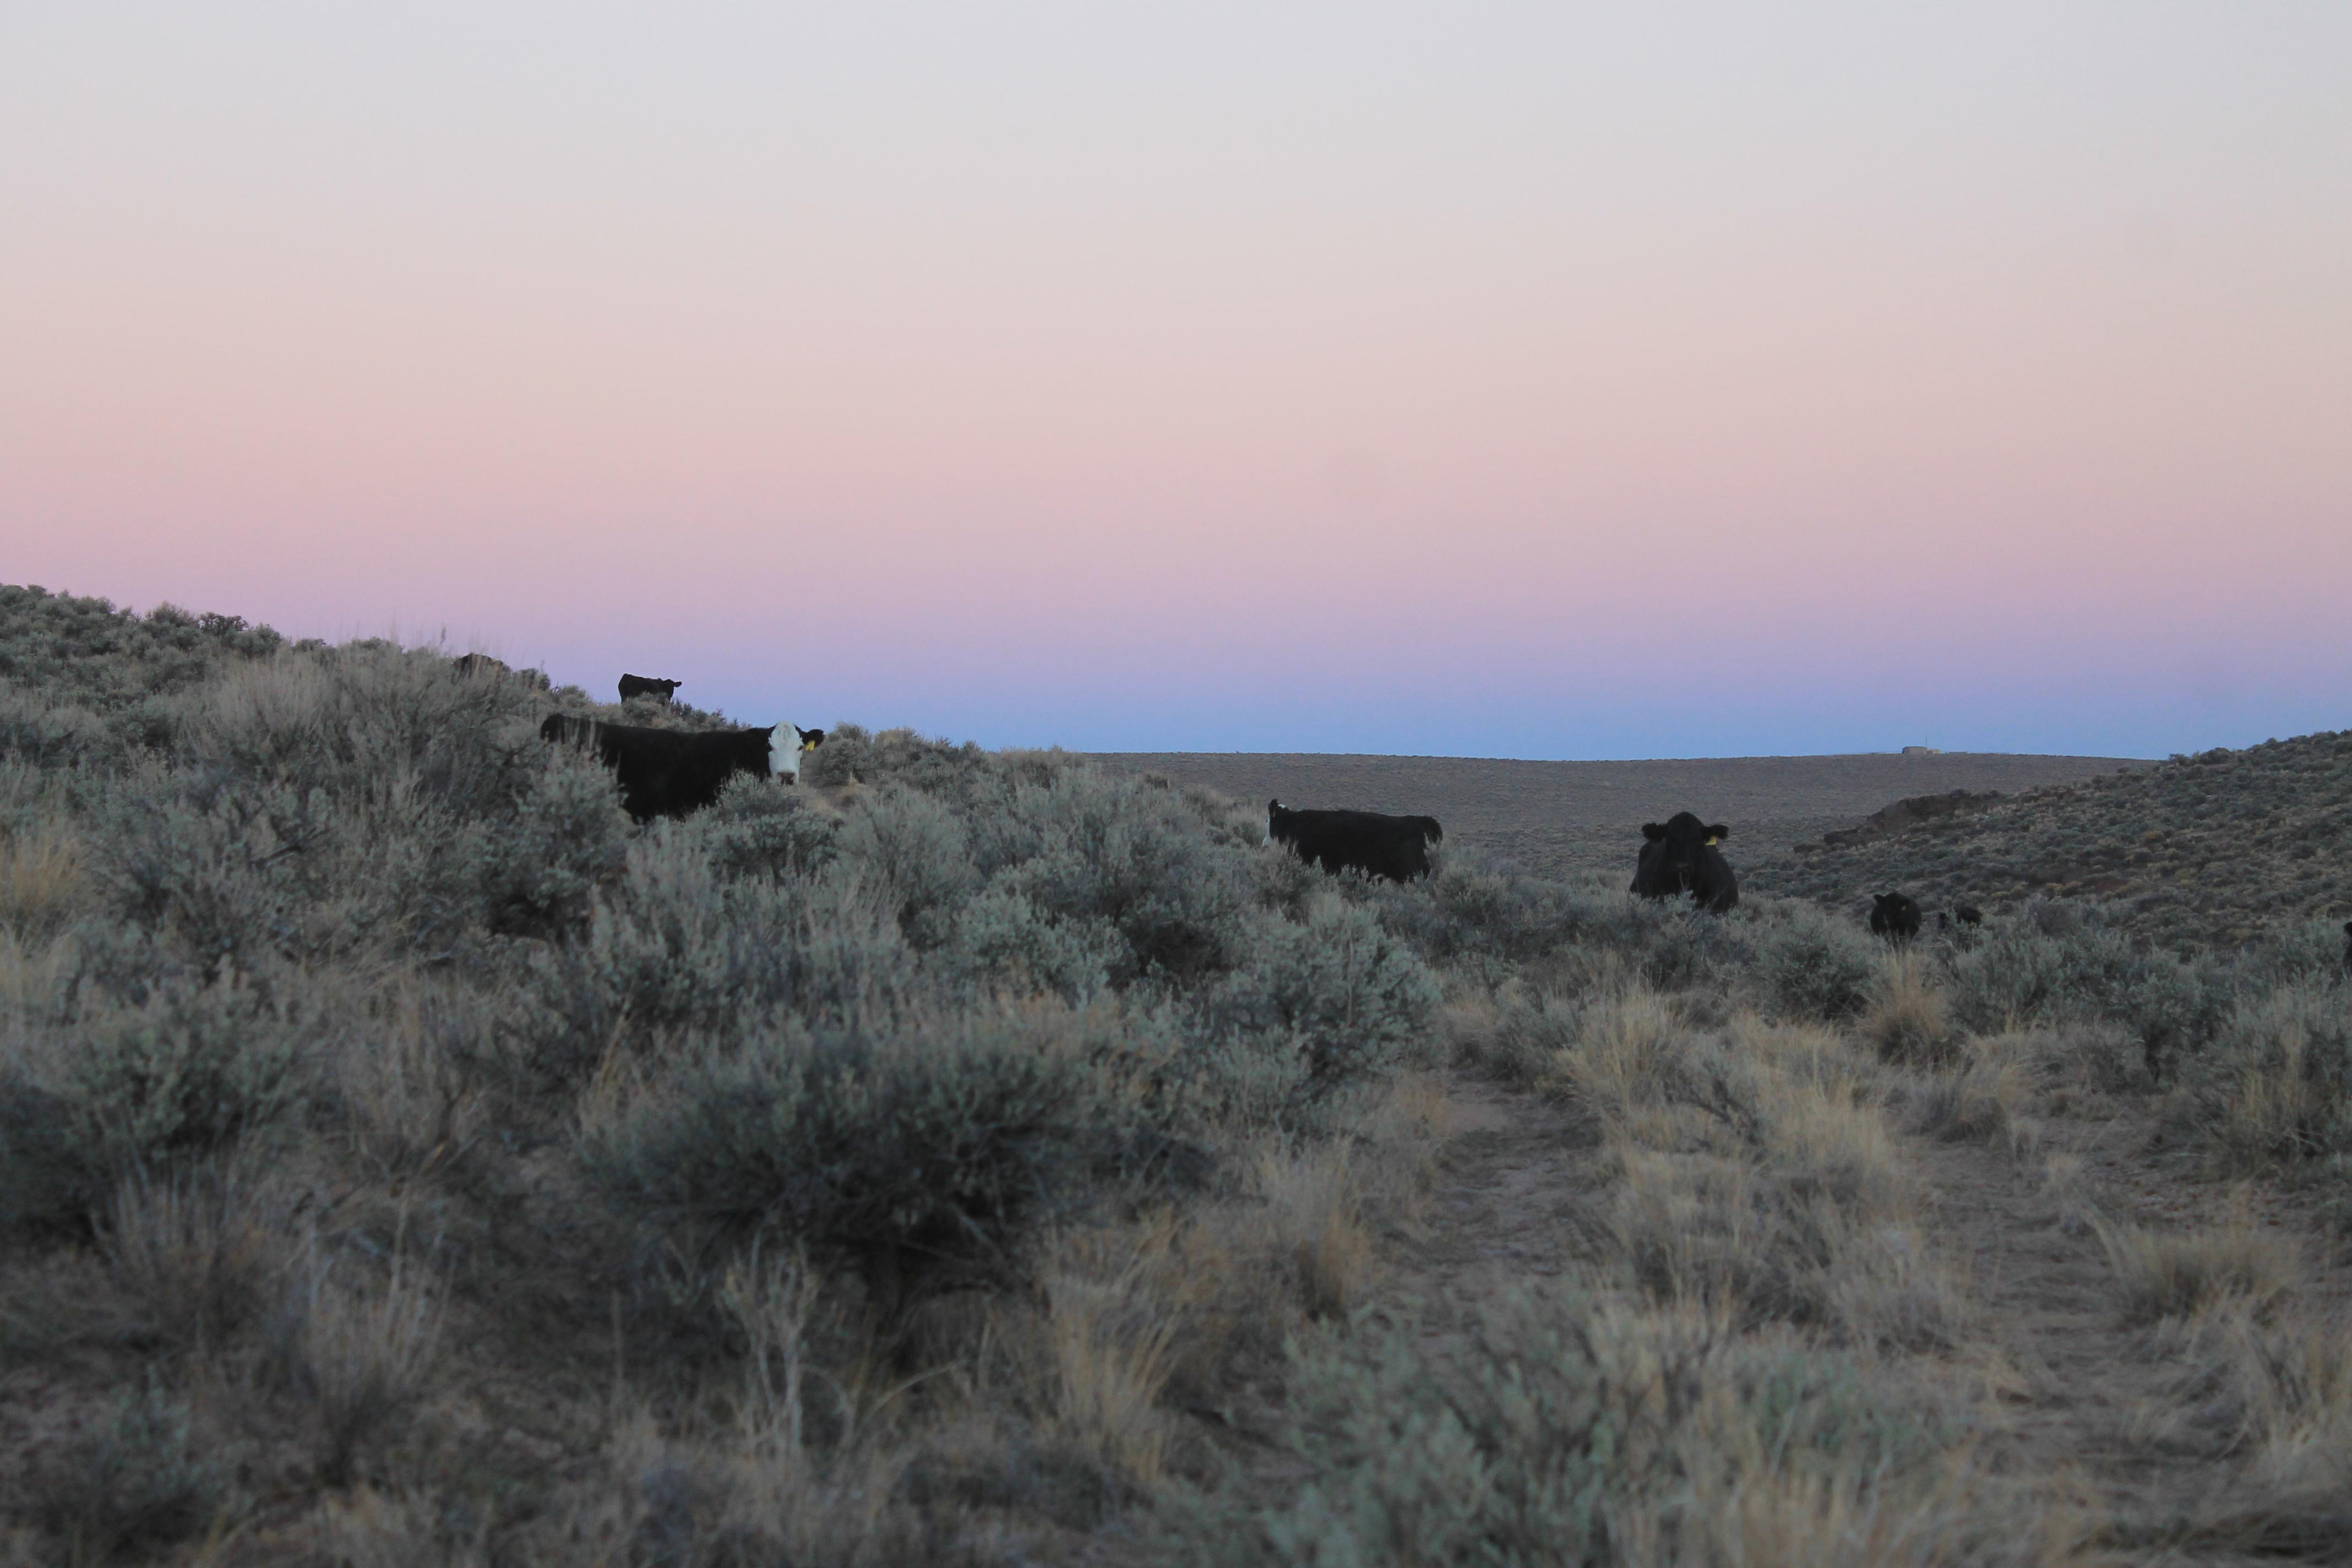 Sunrise bovines.